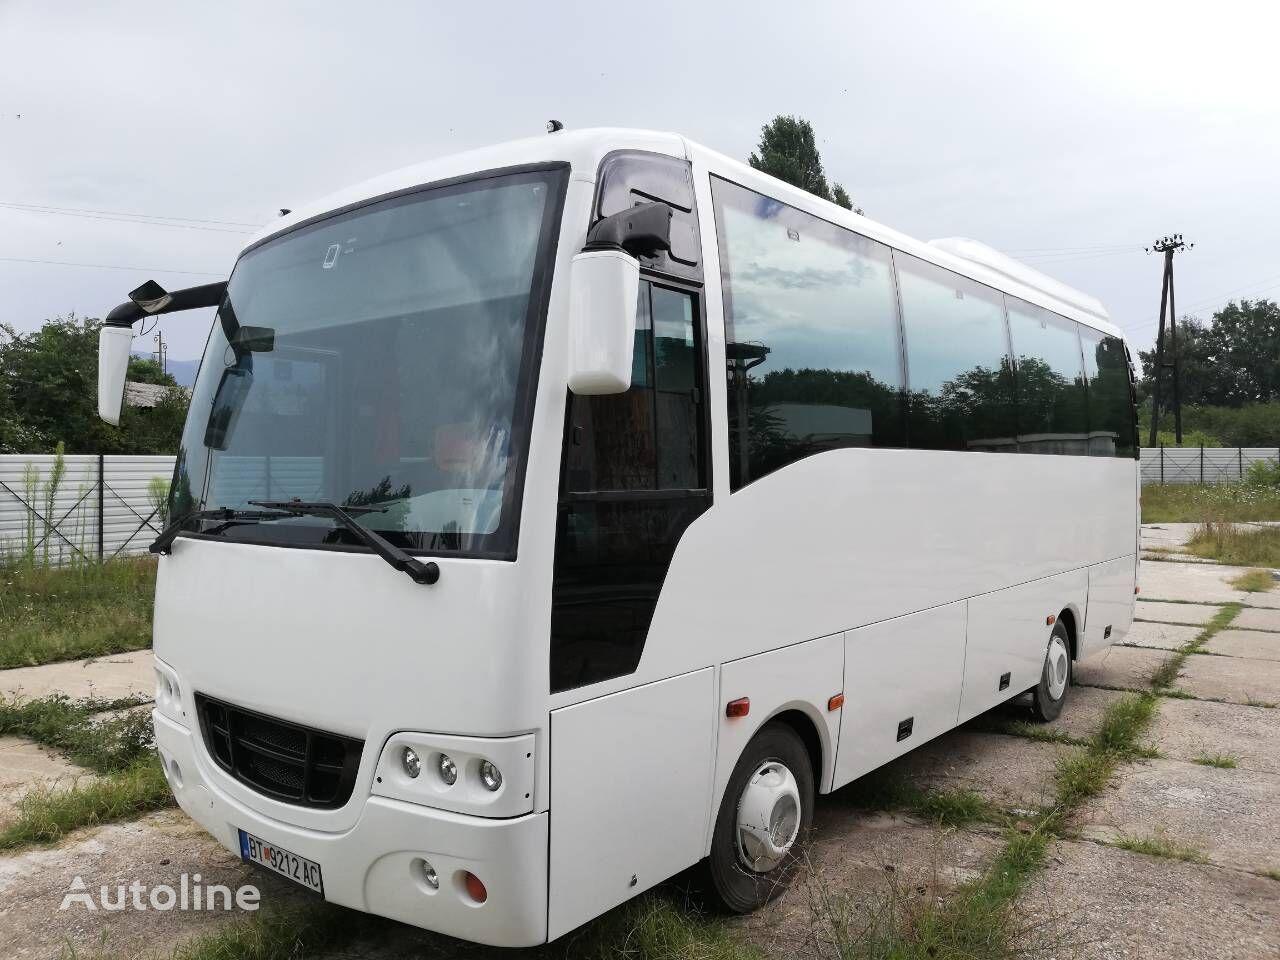 ISUZU TURQUOISE coach bus